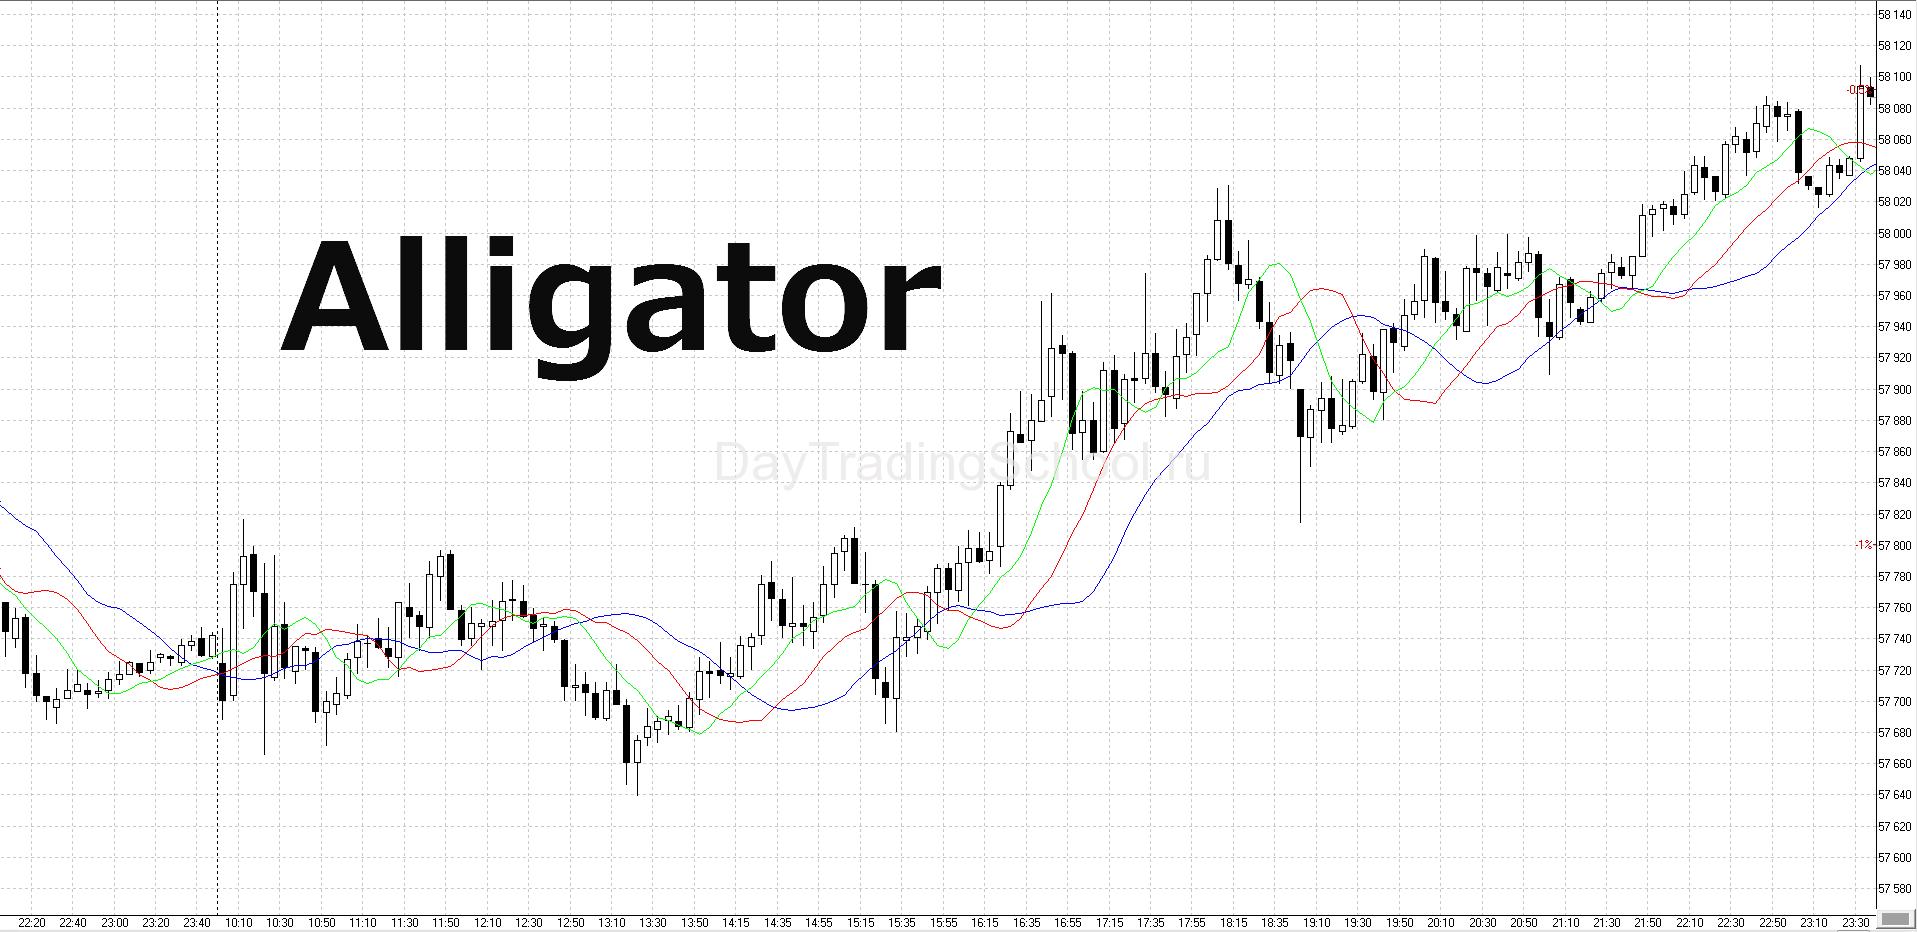 Alligator-график